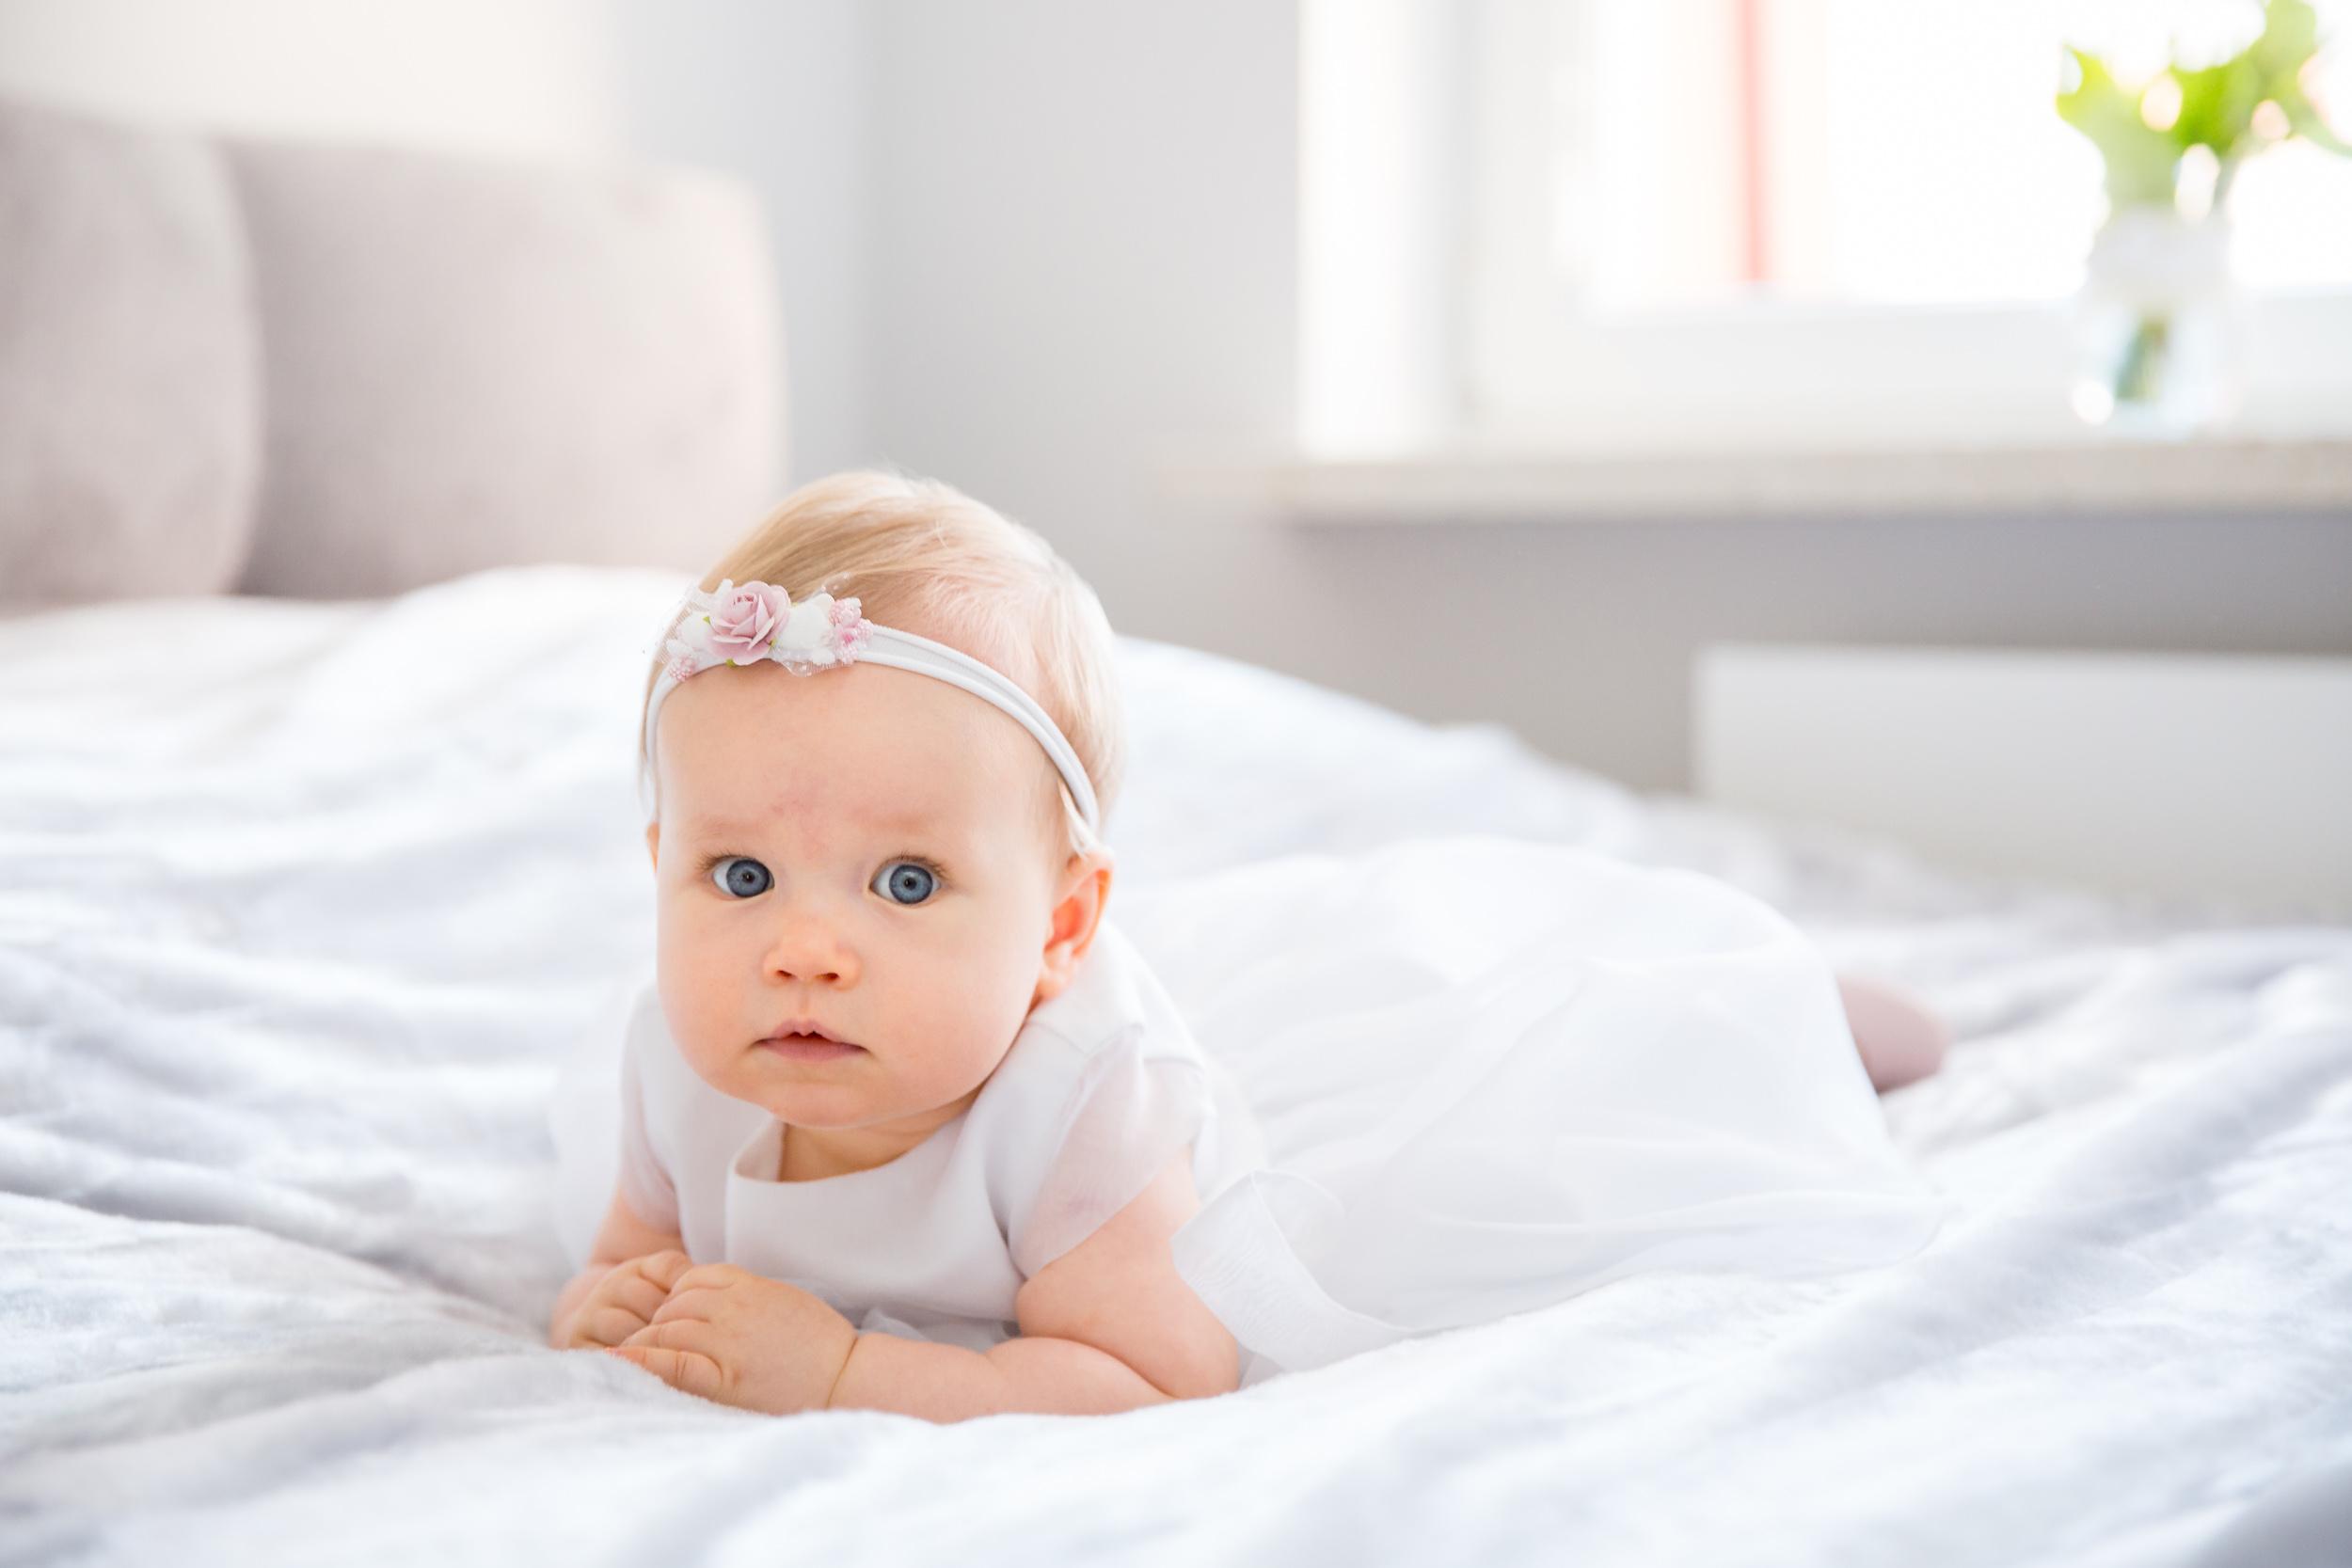 FOTOREPORTAŻ Z CHRZTU ŚWIĘTEGO 400 - 700 PLN - Chrzest Święty to pierwsze ważne wydarzenie w życiu Twojego dziecka. Profesjonalne zdjęcia są pięknym prezentem i pamiątką, która pozwoli mu w przyszłości powracać myślami do tych momentów.